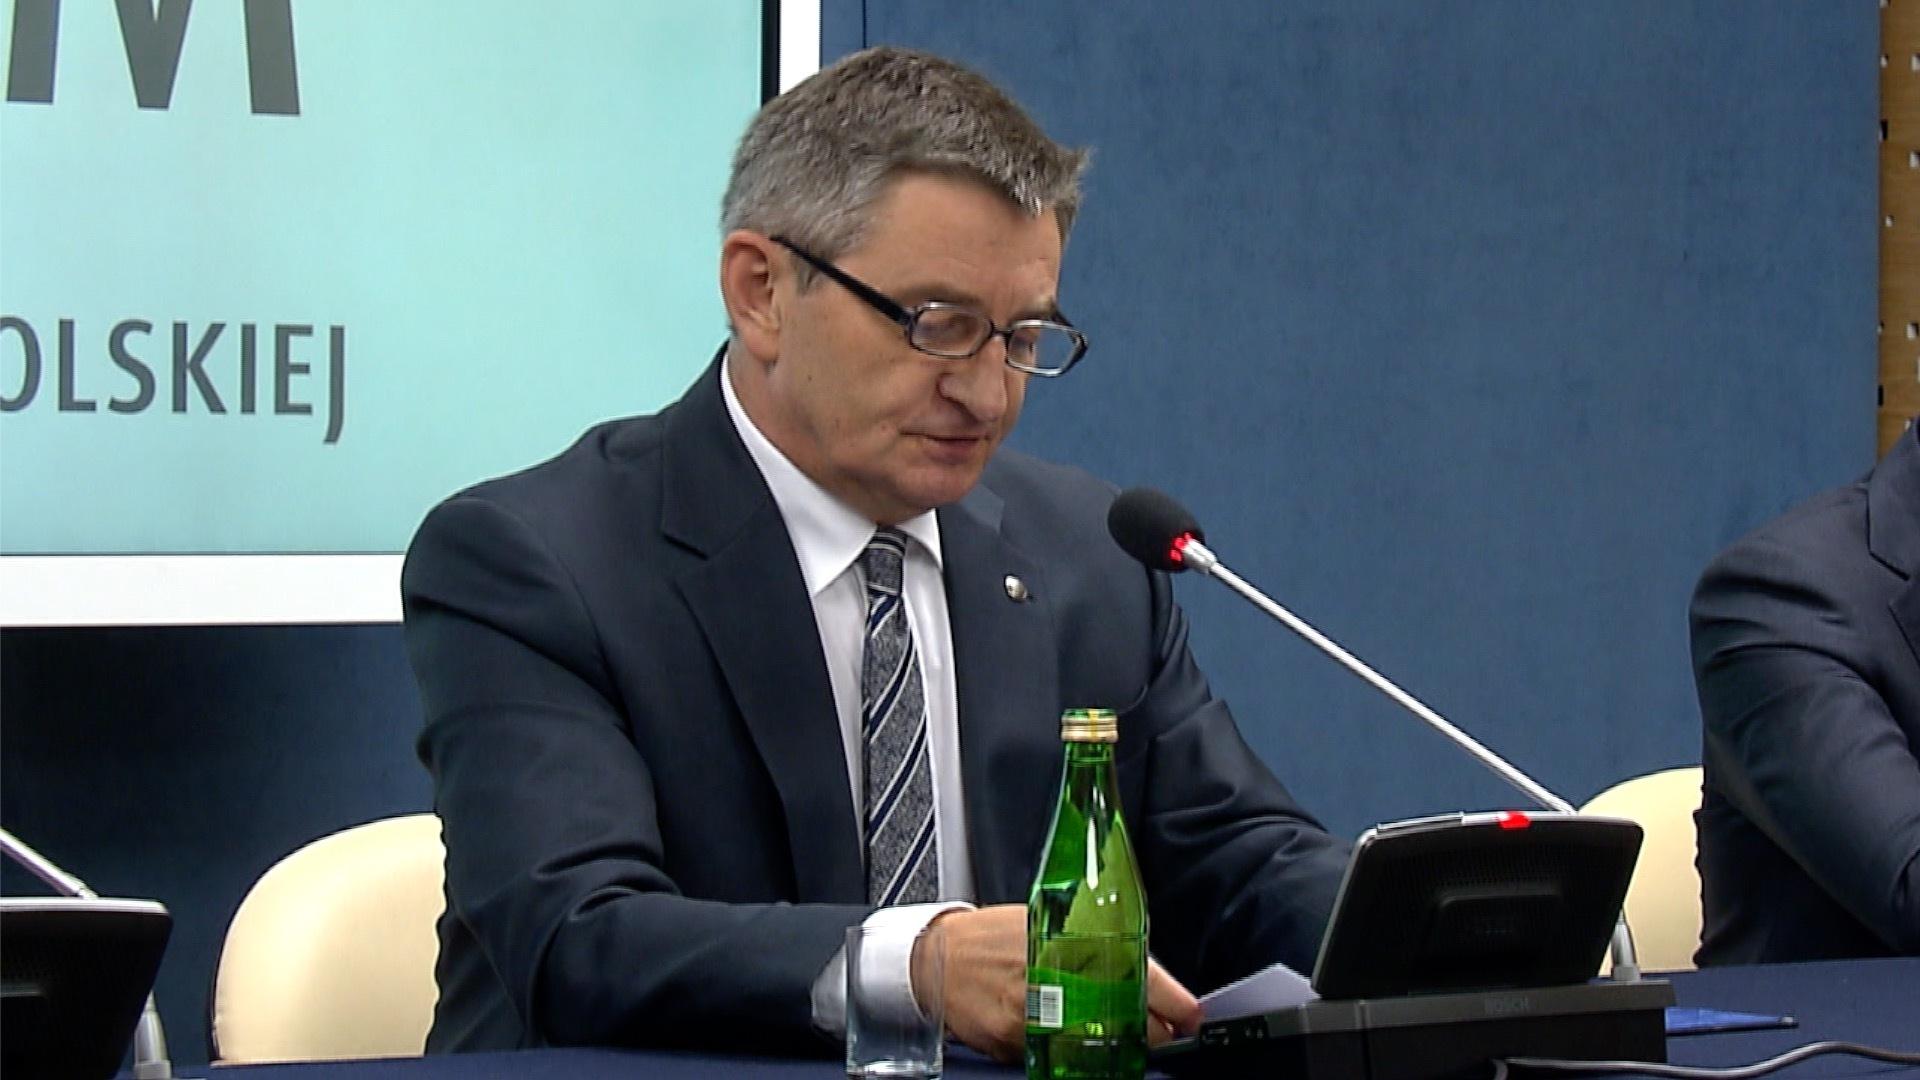 Marek Kuchciński z kartki odczytał oświadczenie w sprawie rodzinnych lotów